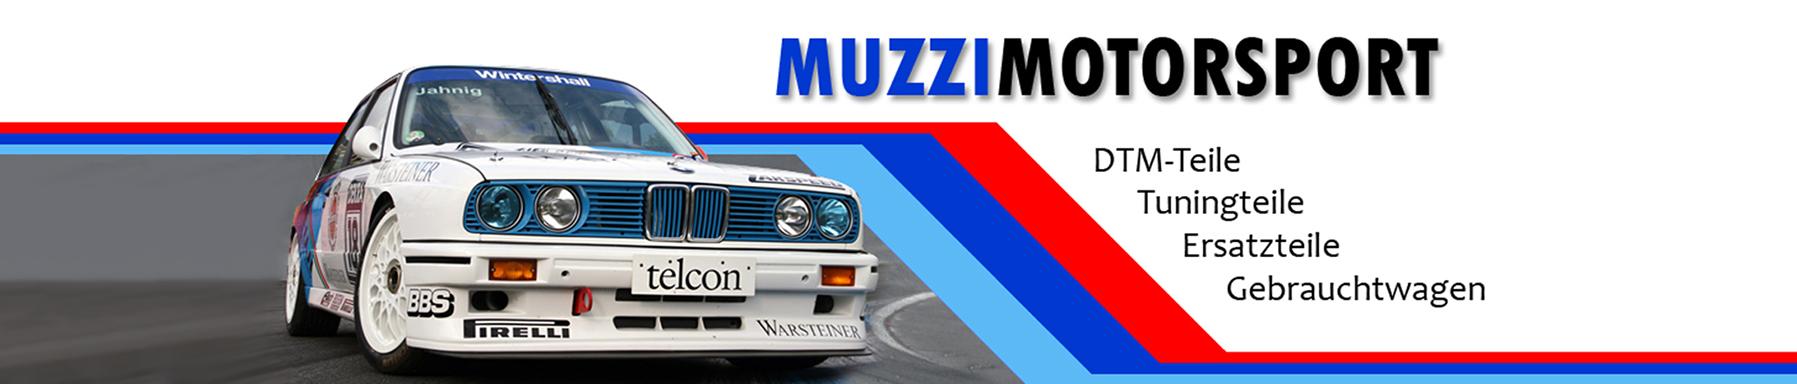 Muzzimotorsport